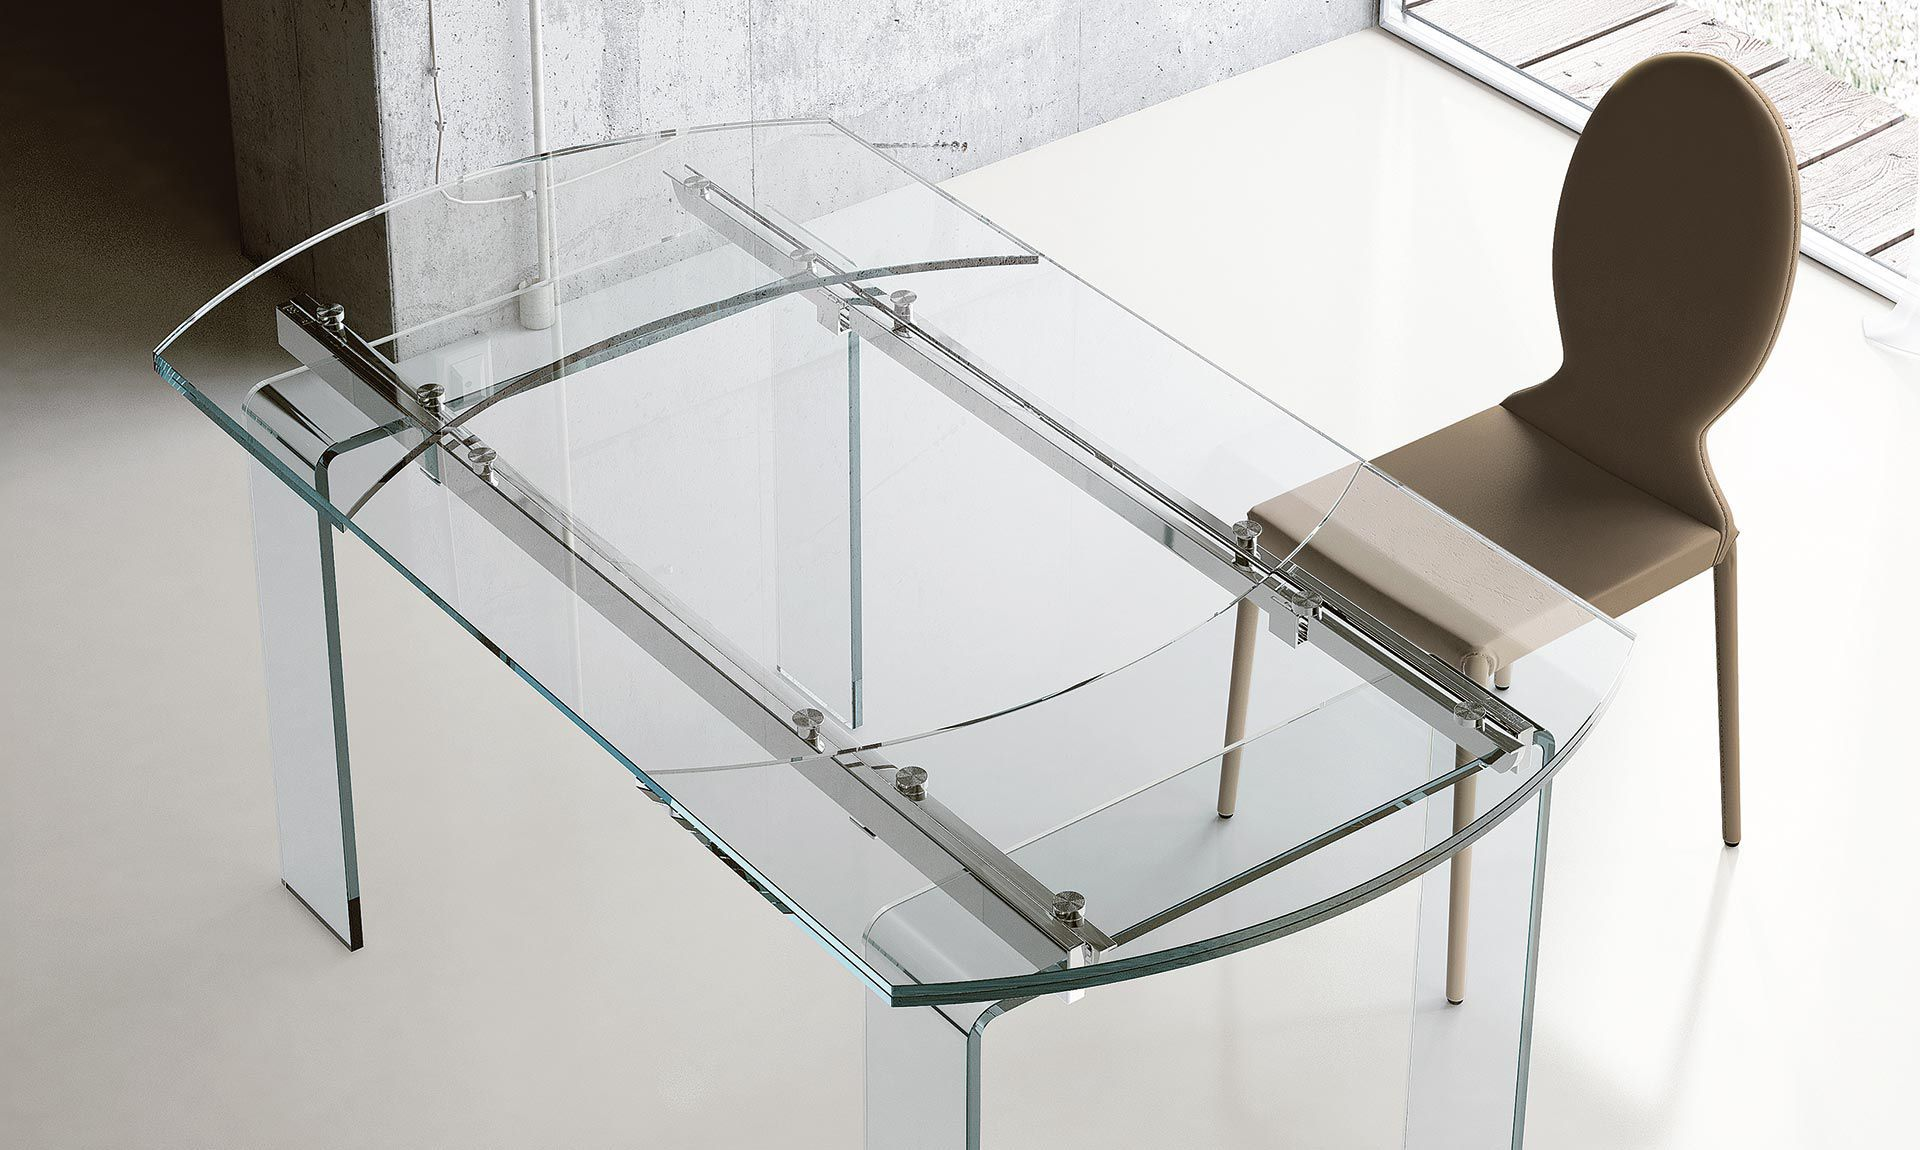 Tavoli Allungabili In Cristallo Prezzi.Tavolo Moderno Lord Riflessi In Alluminio Con Supporto In